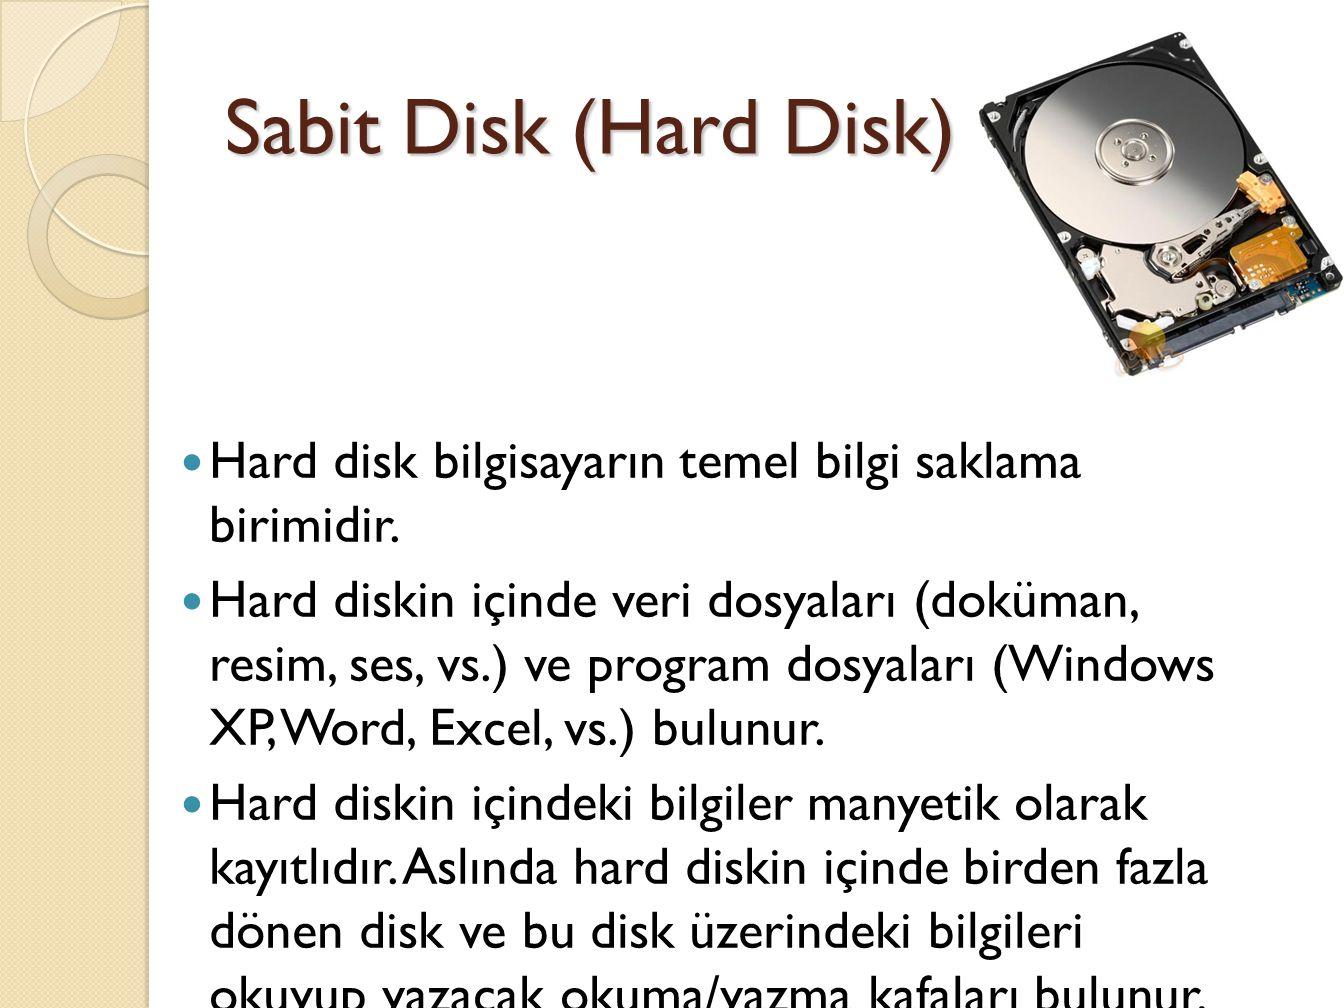 Sabit Disk (Hard Disk) Hard disk bilgisayarın temel bilgi saklama birimidir.